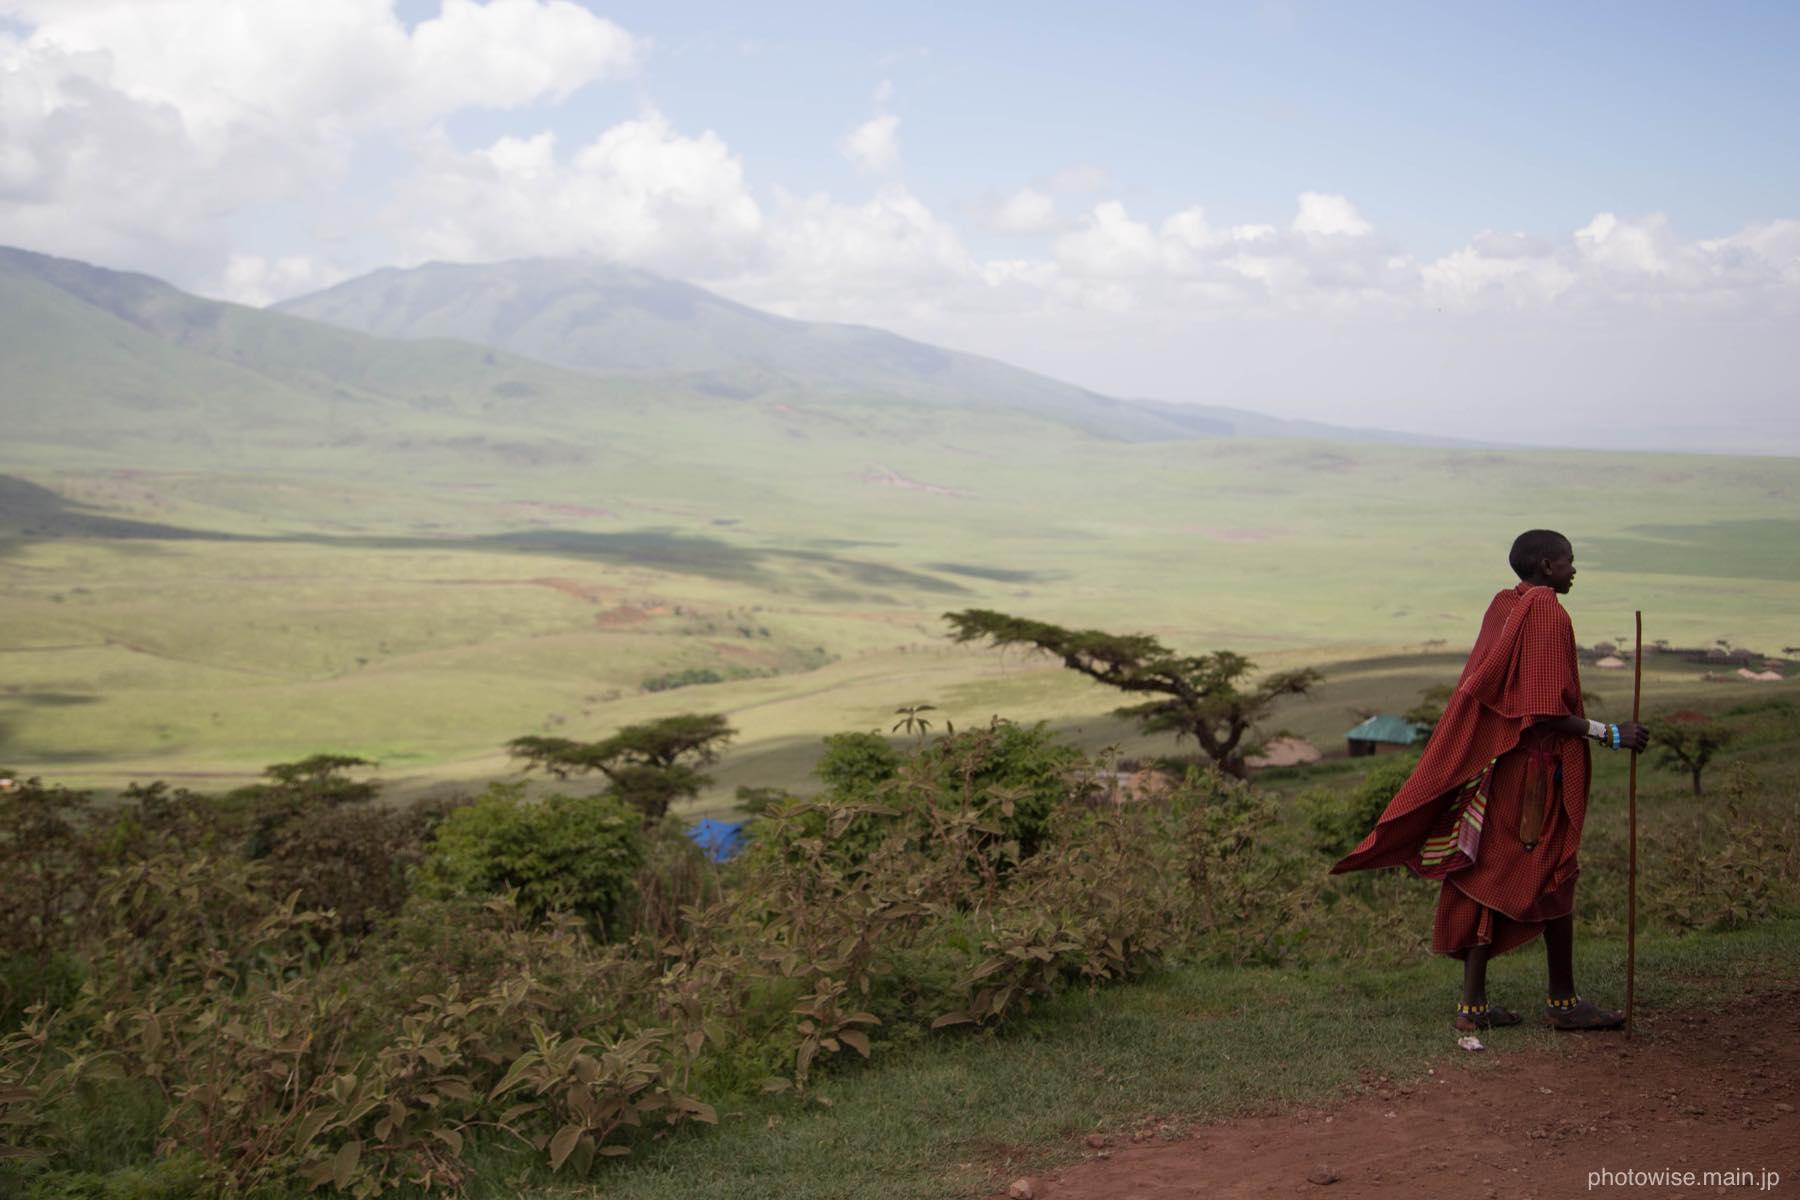 ンゴロンゴロのマサイ族